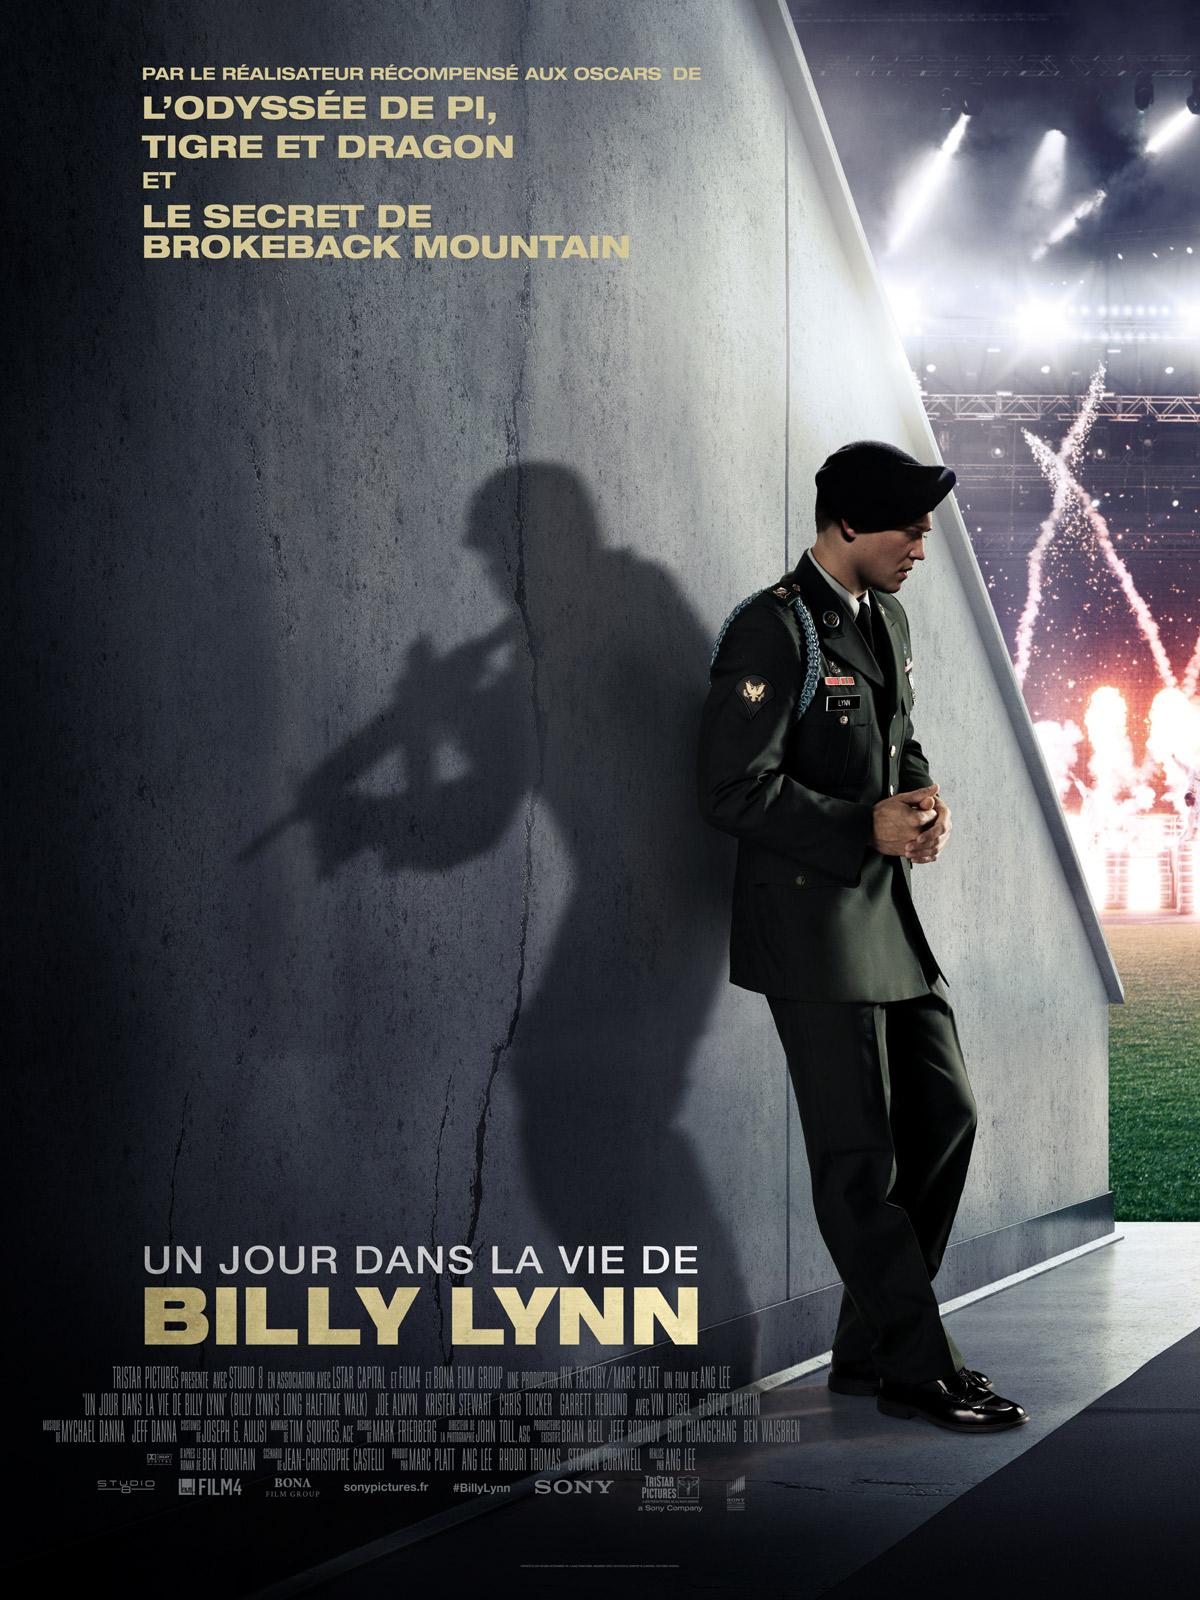 Un jour dans la vie de Billy Lynn d'Ang Lee